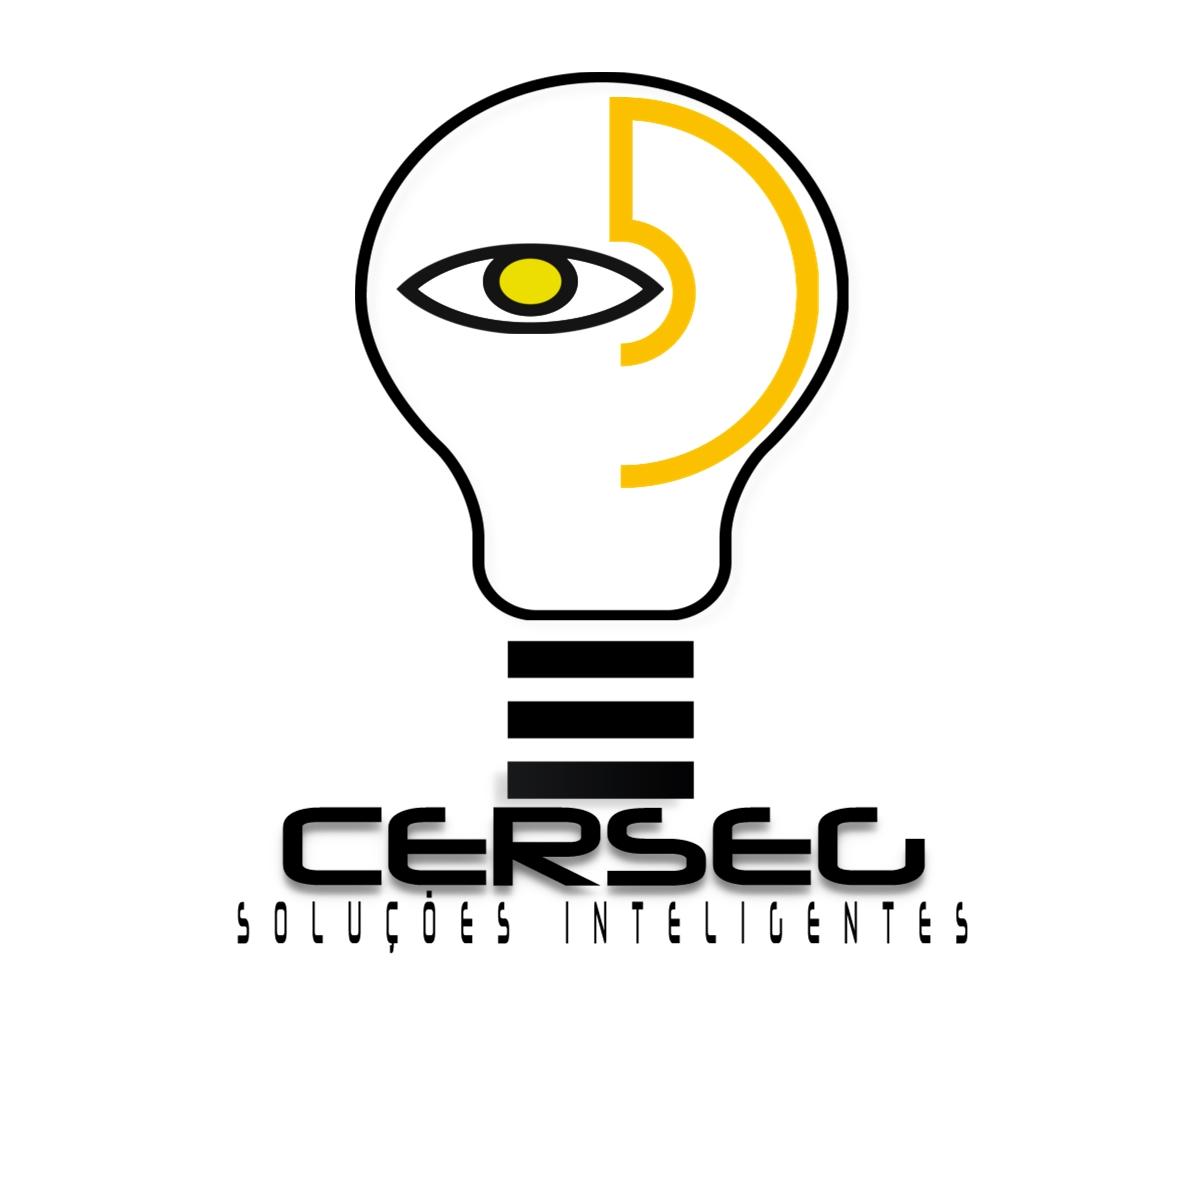 CERSEG TECNOLOGIA Soluções Inteligentes